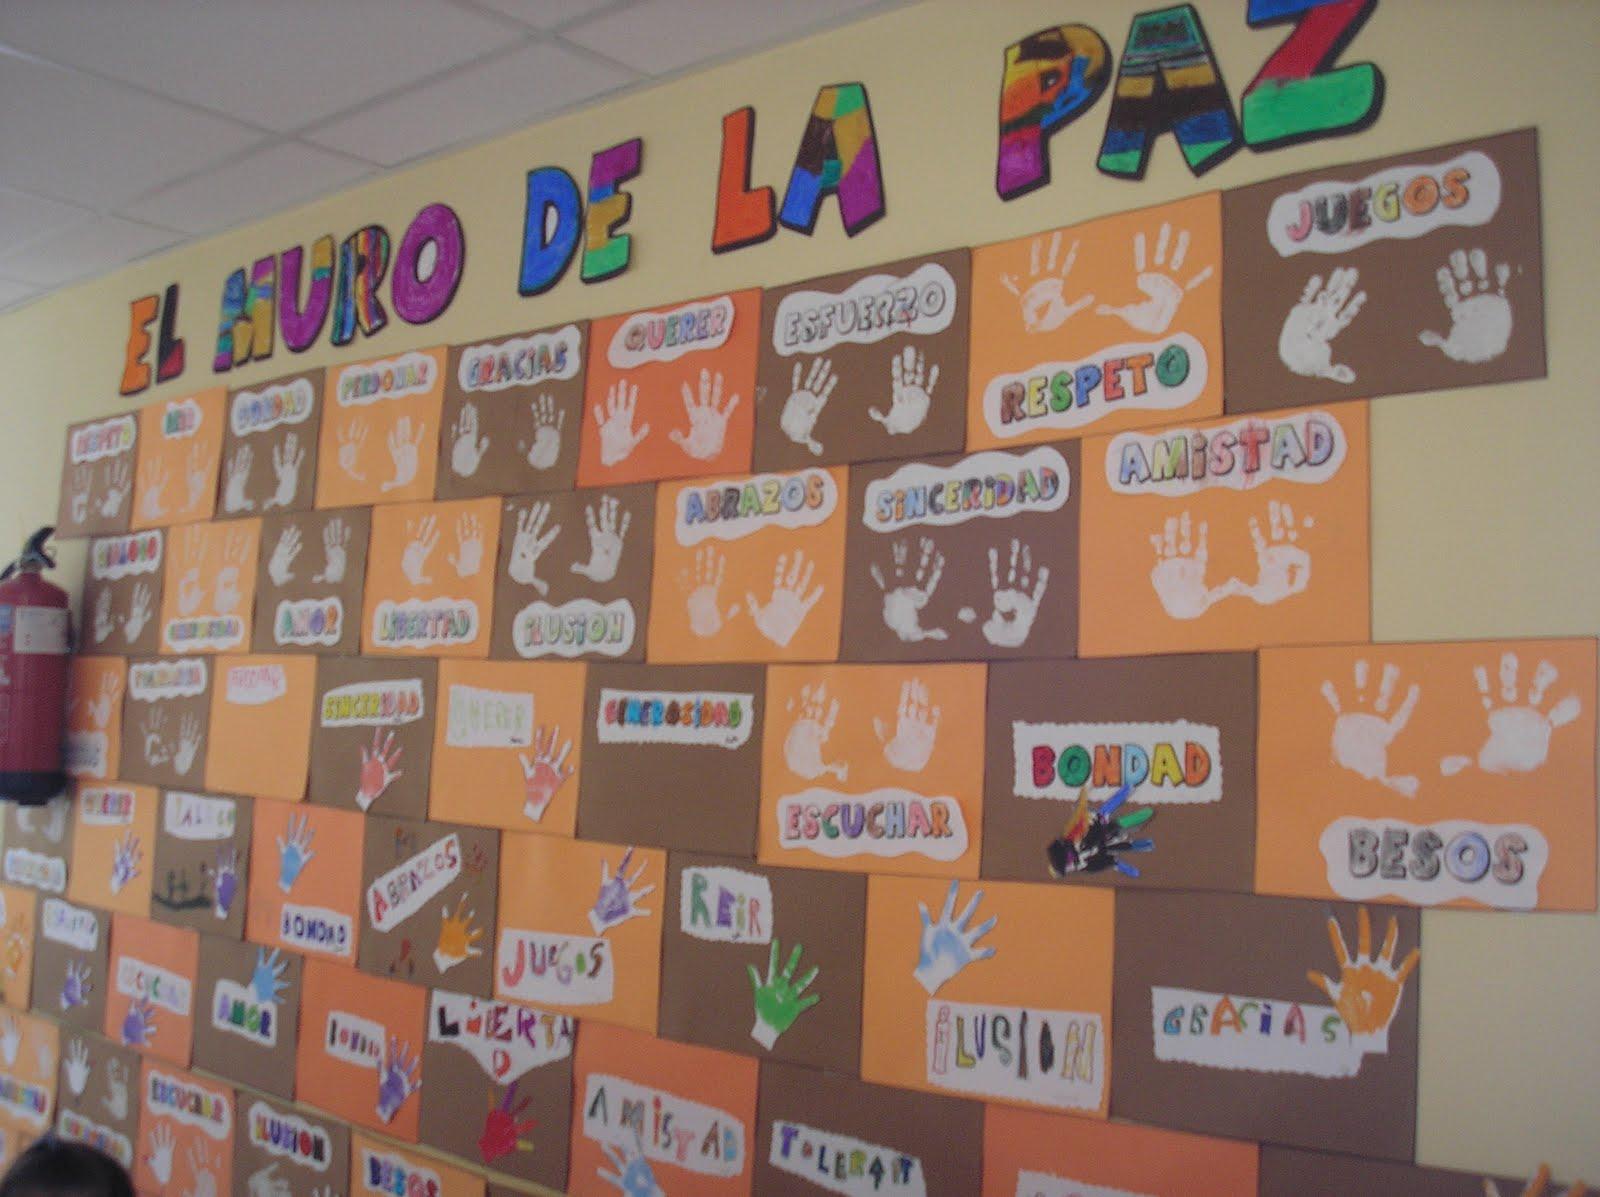 Recursos de educaci n infantil el muro de la paz for Cuales son los pasos para realizar un periodico mural